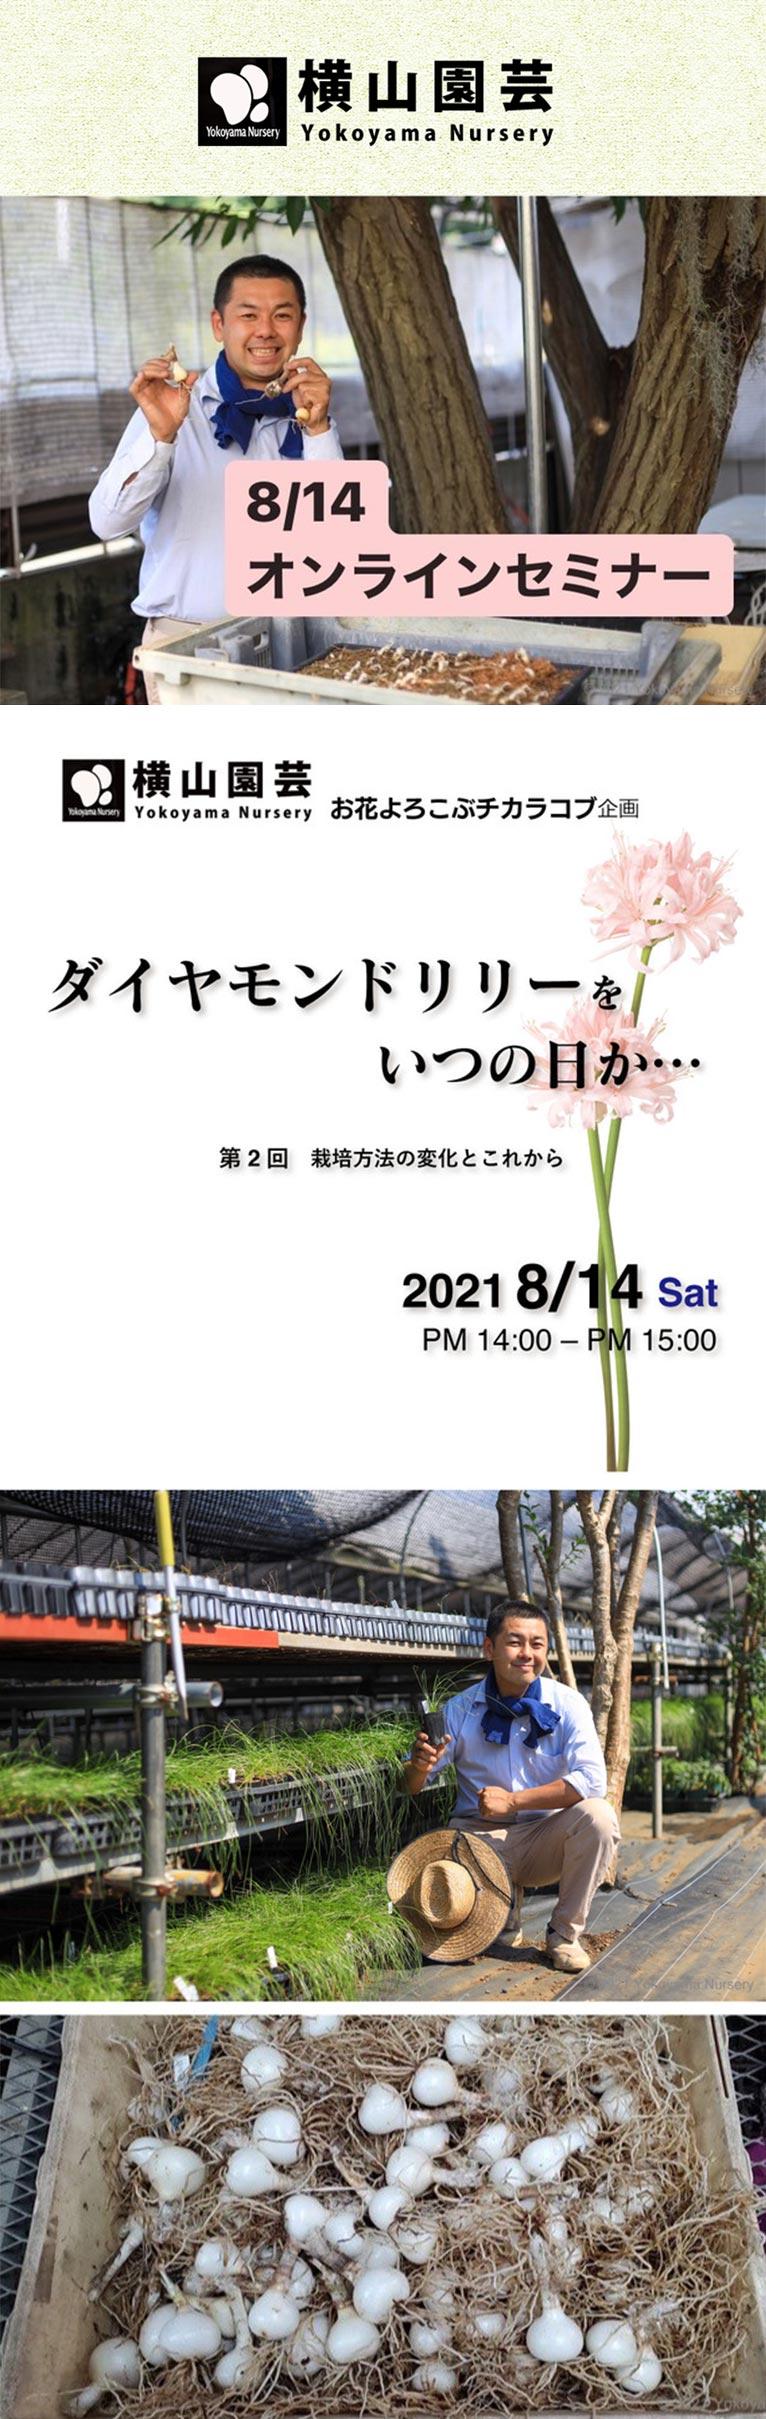 2021年8月14日オンラインセミナー横山園芸お花よろこぶチカラコブ企画ダイヤモンドリリーをいつの日か『第2回 栽培方法の変化とこれから』